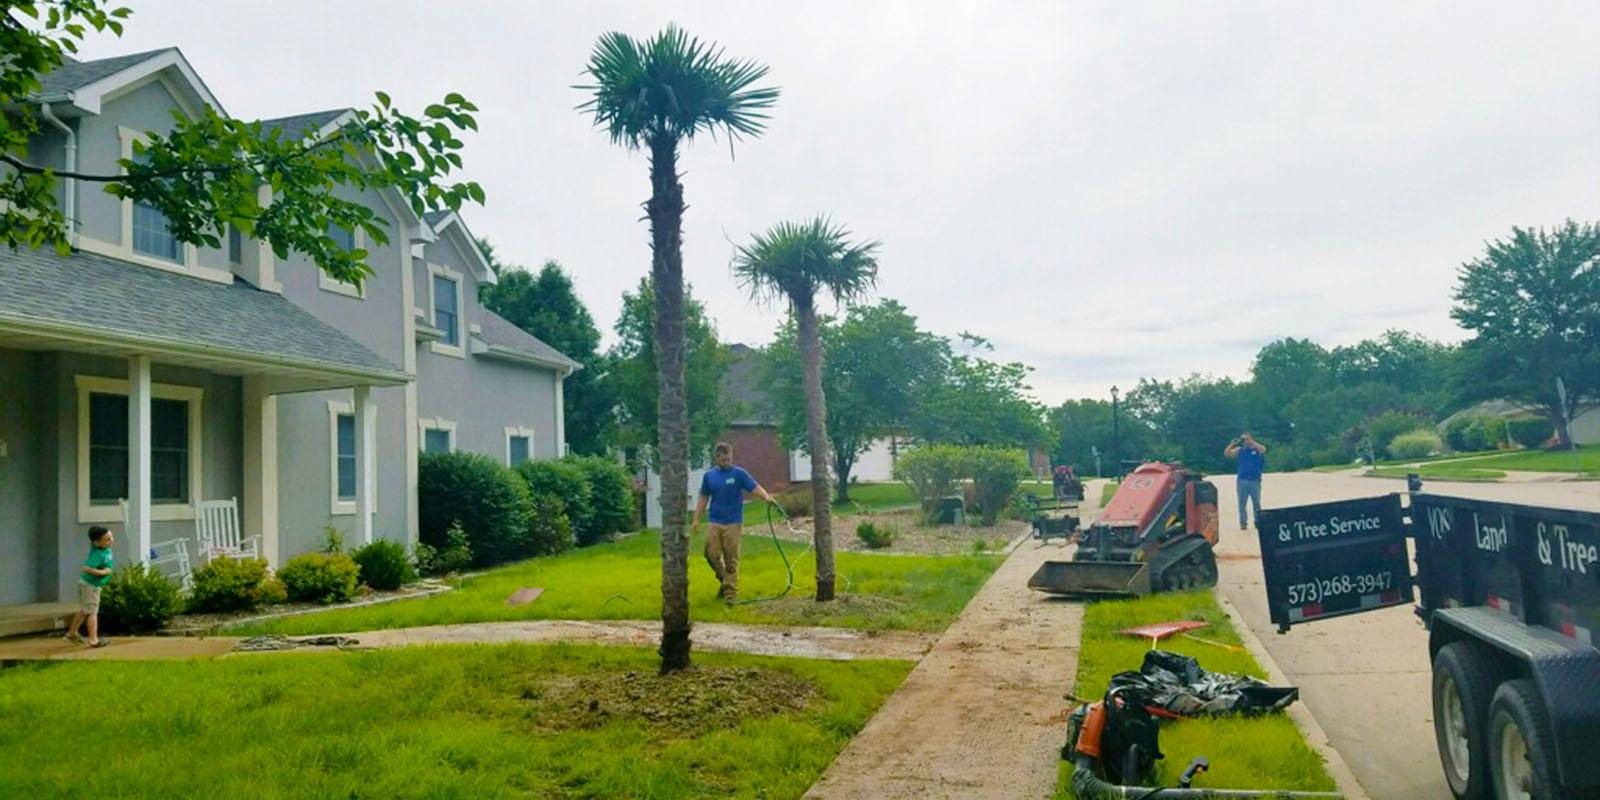 Our Landscape & Tree Services